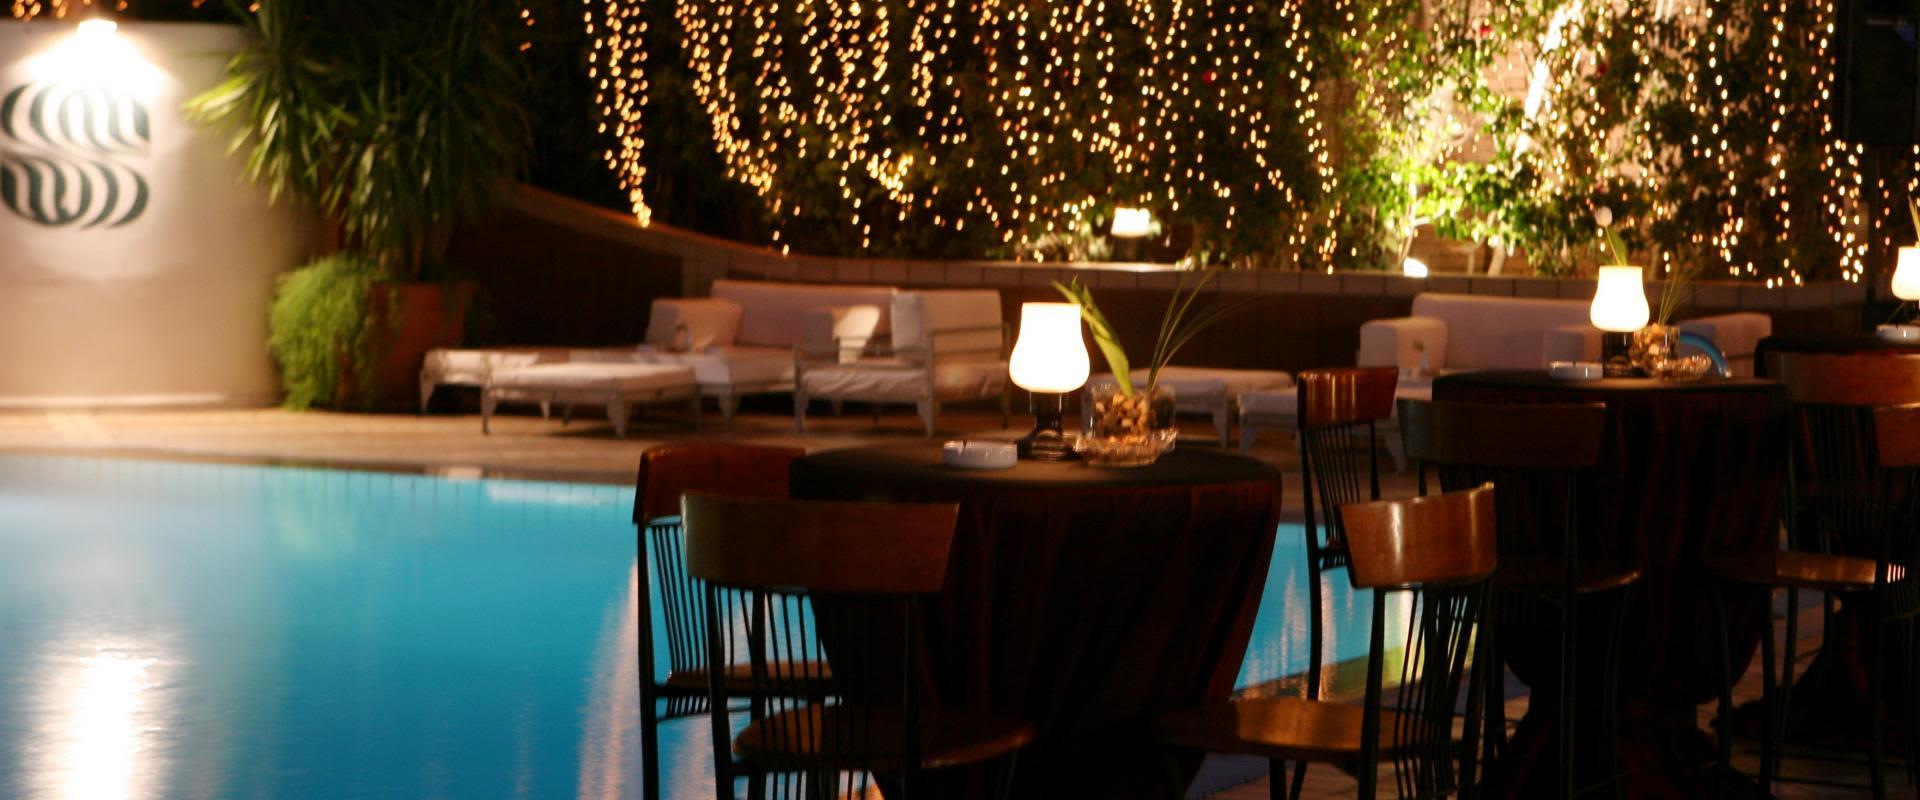 Pool and Bar Lounge